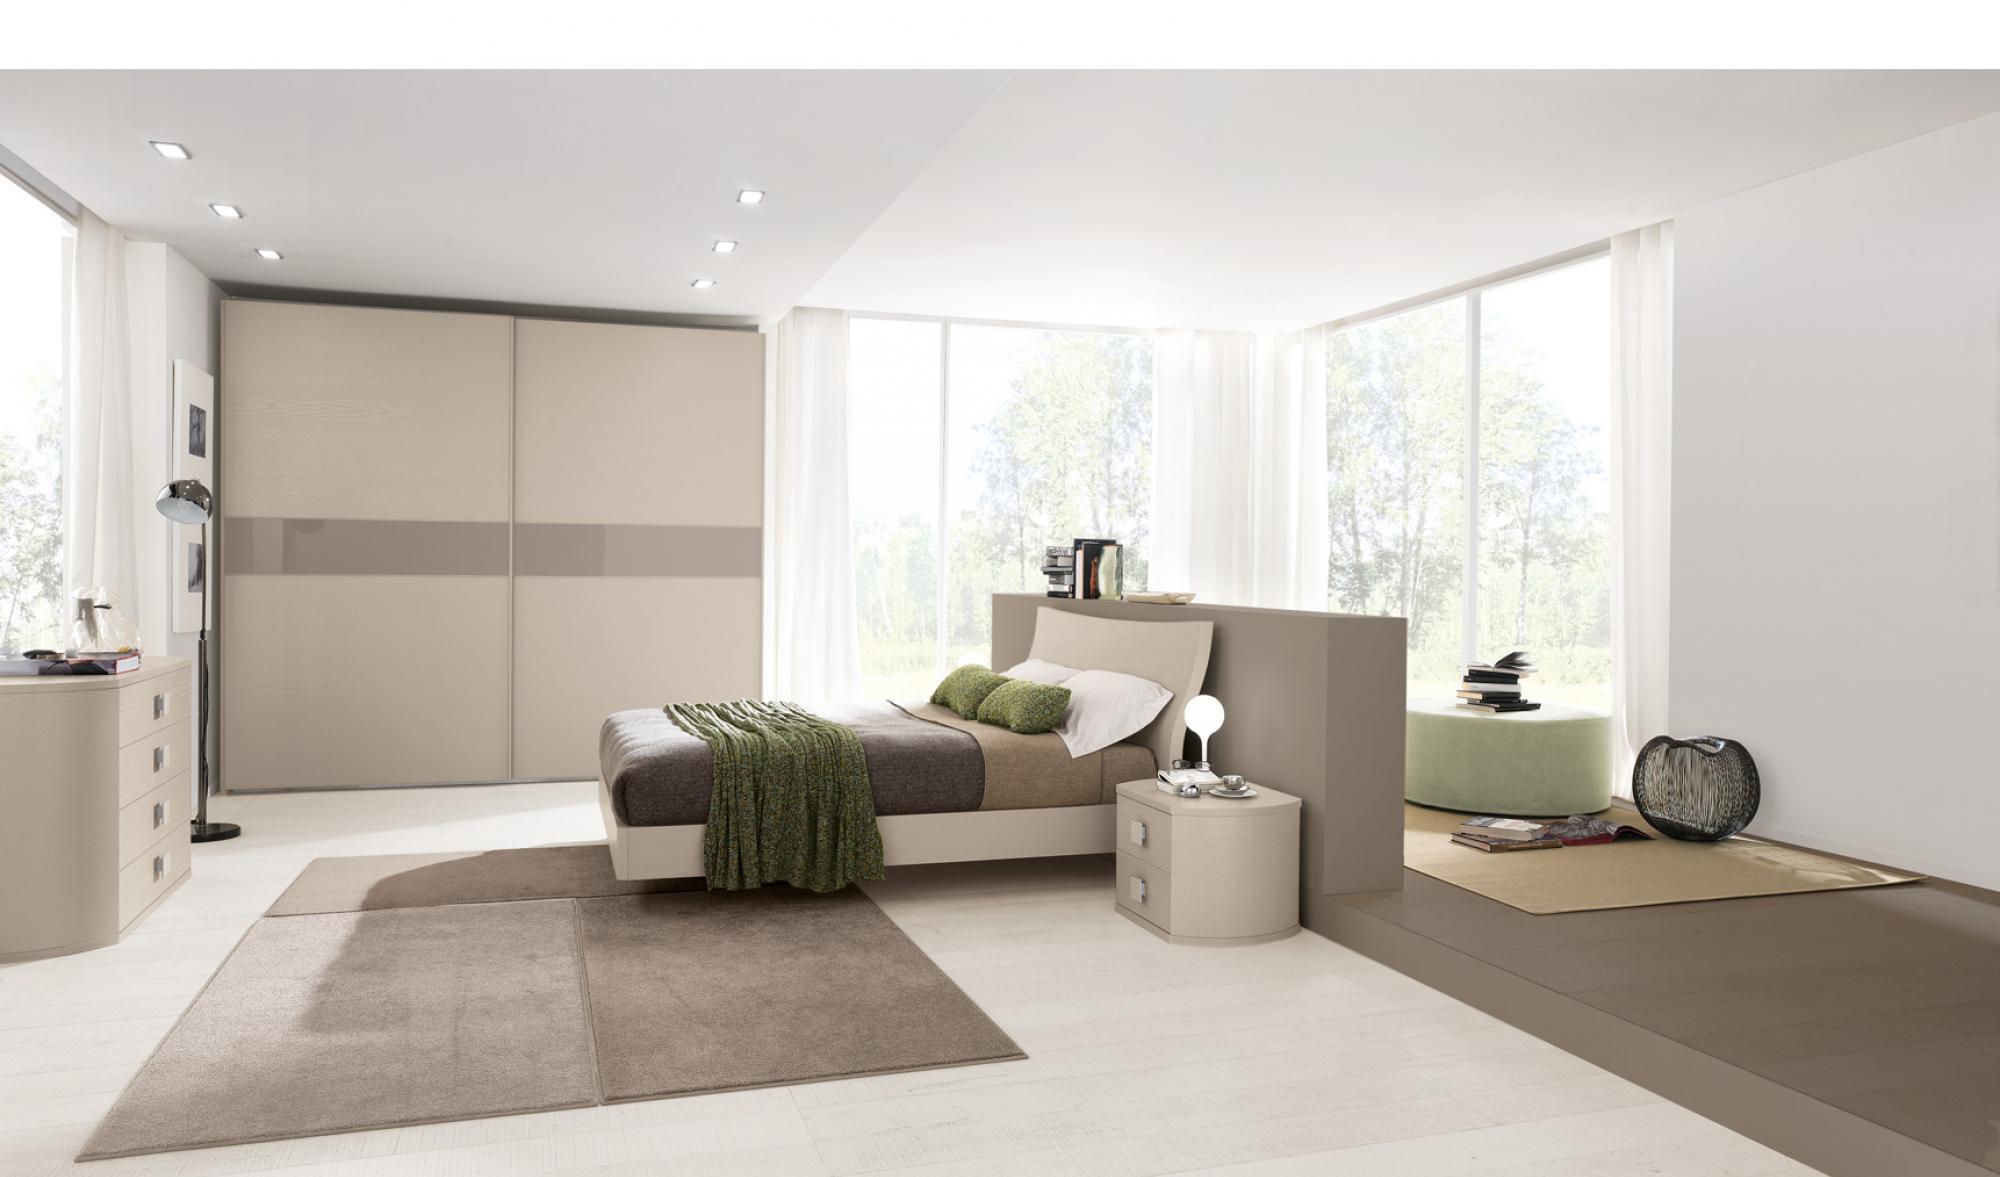 Camere da letto colombini vitalyty arredo spazio casa for Piccoli piani casa 4 camere da letto